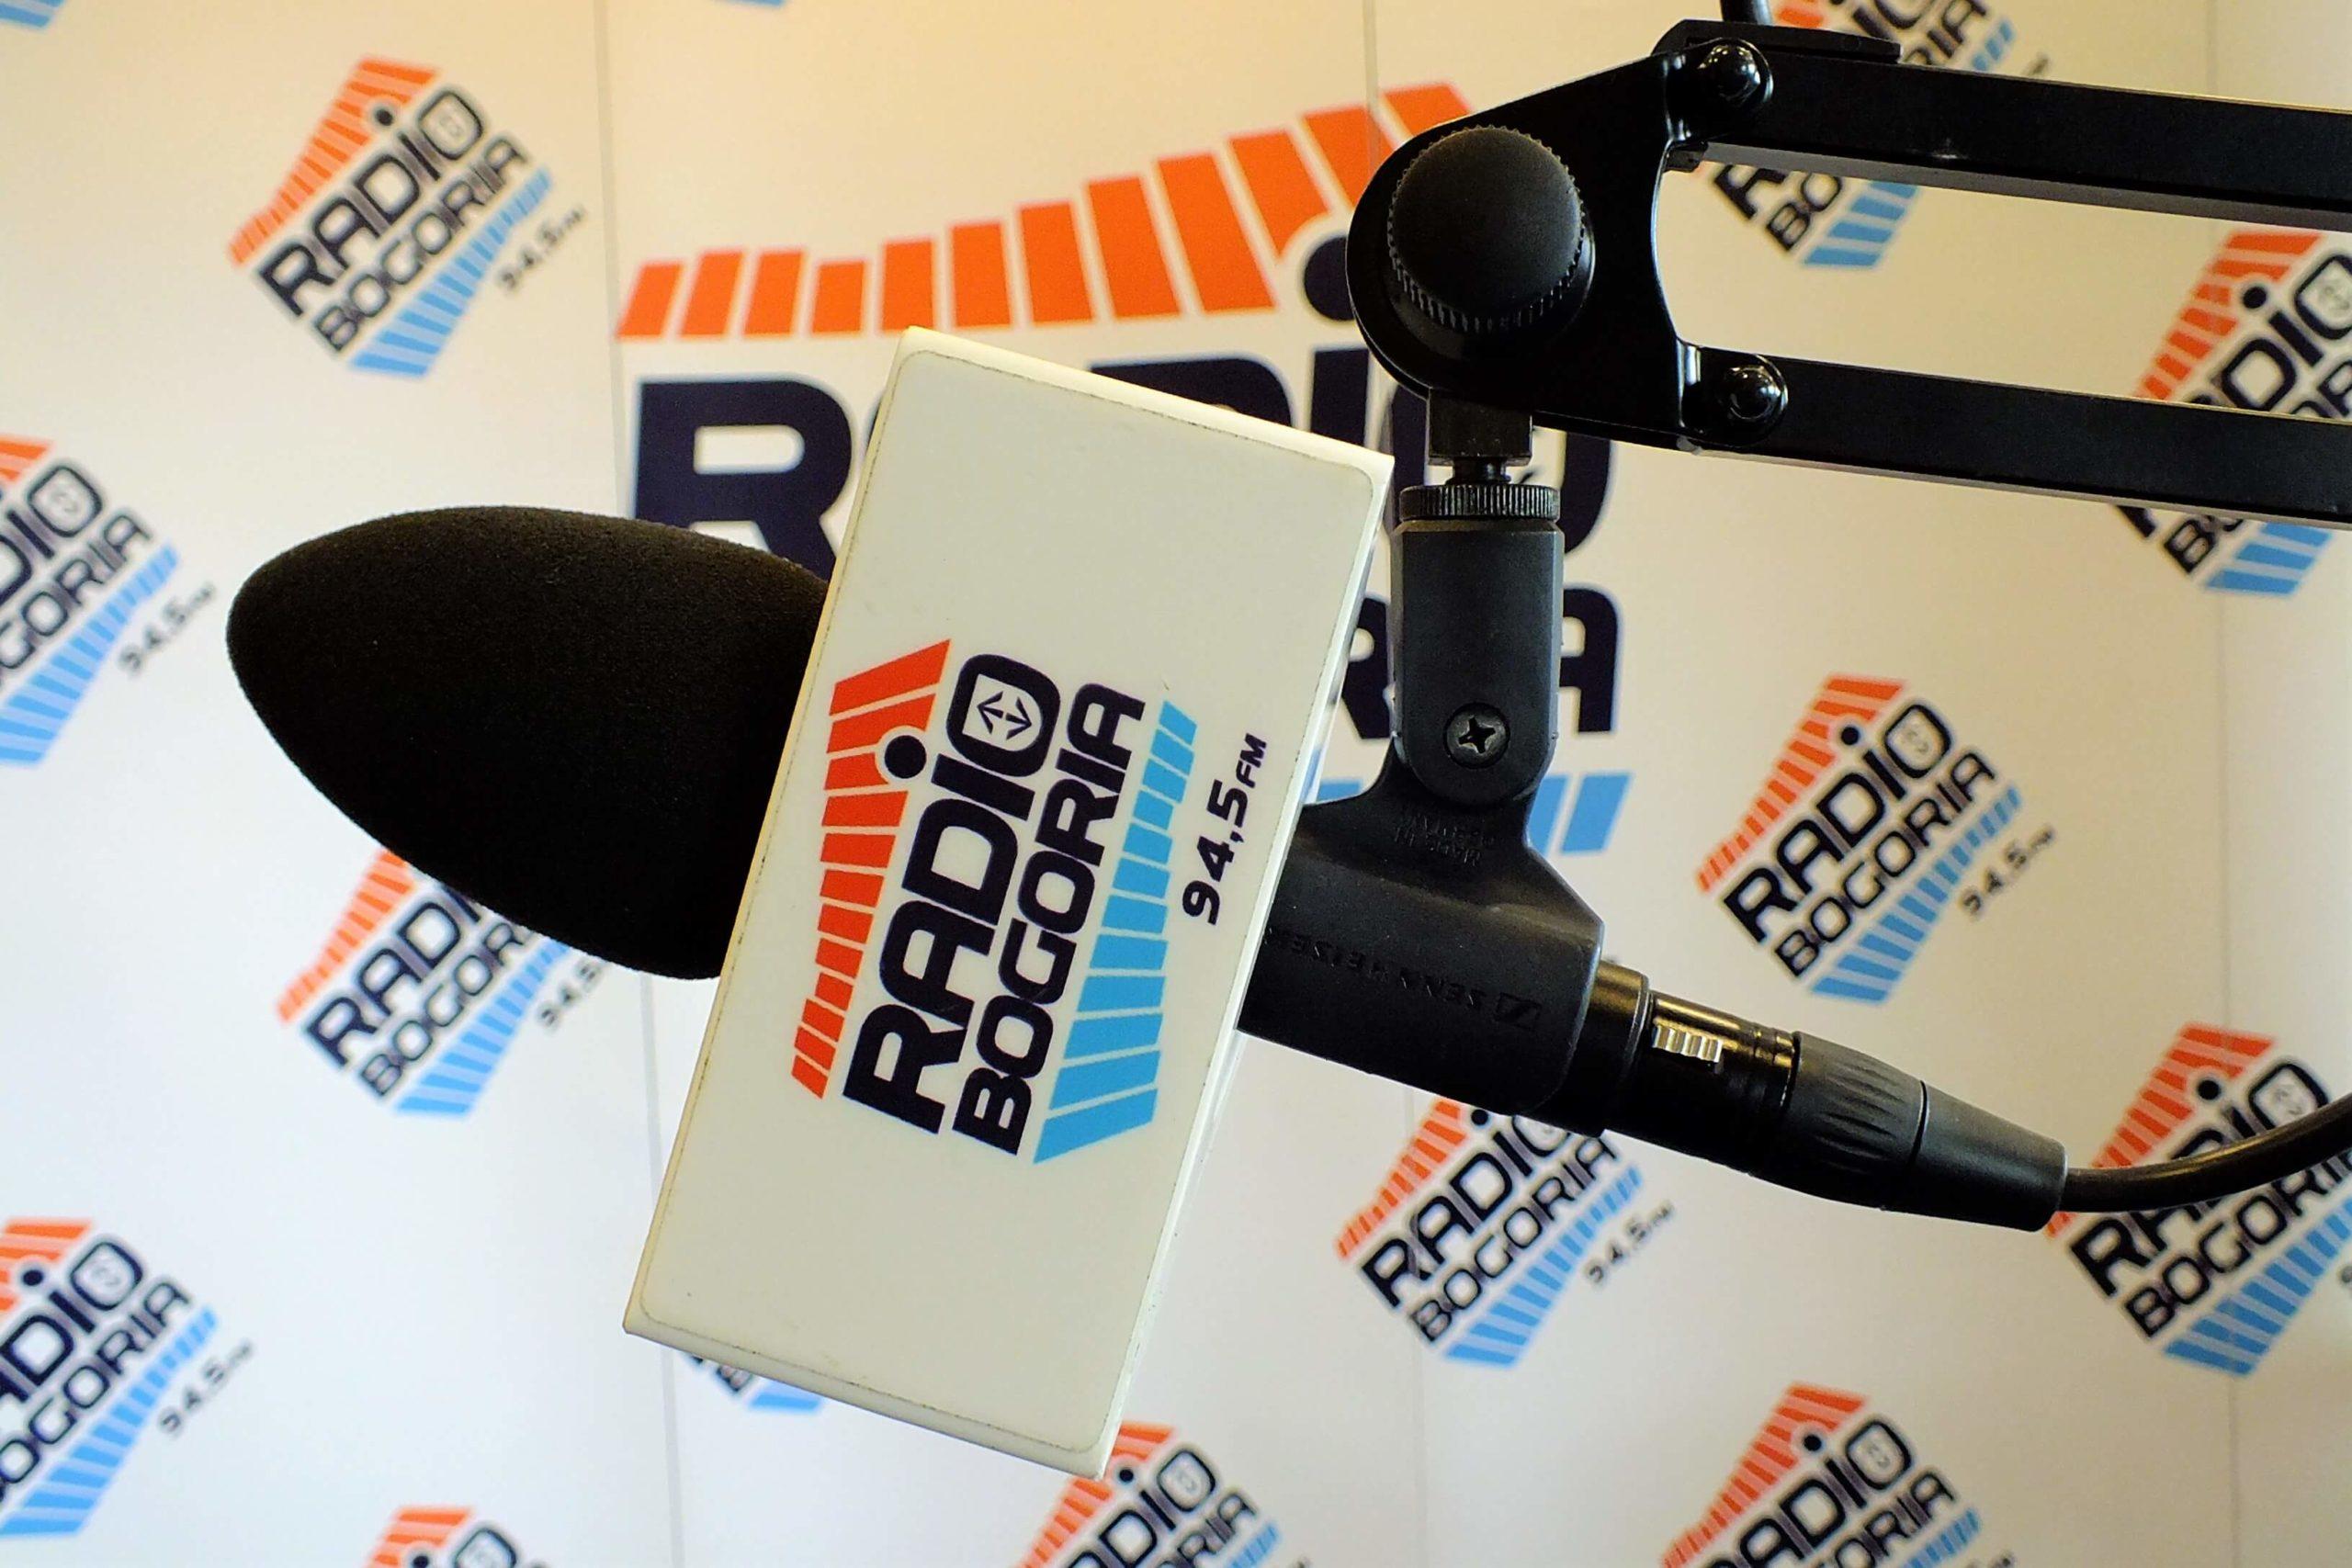 Radio Bogoria